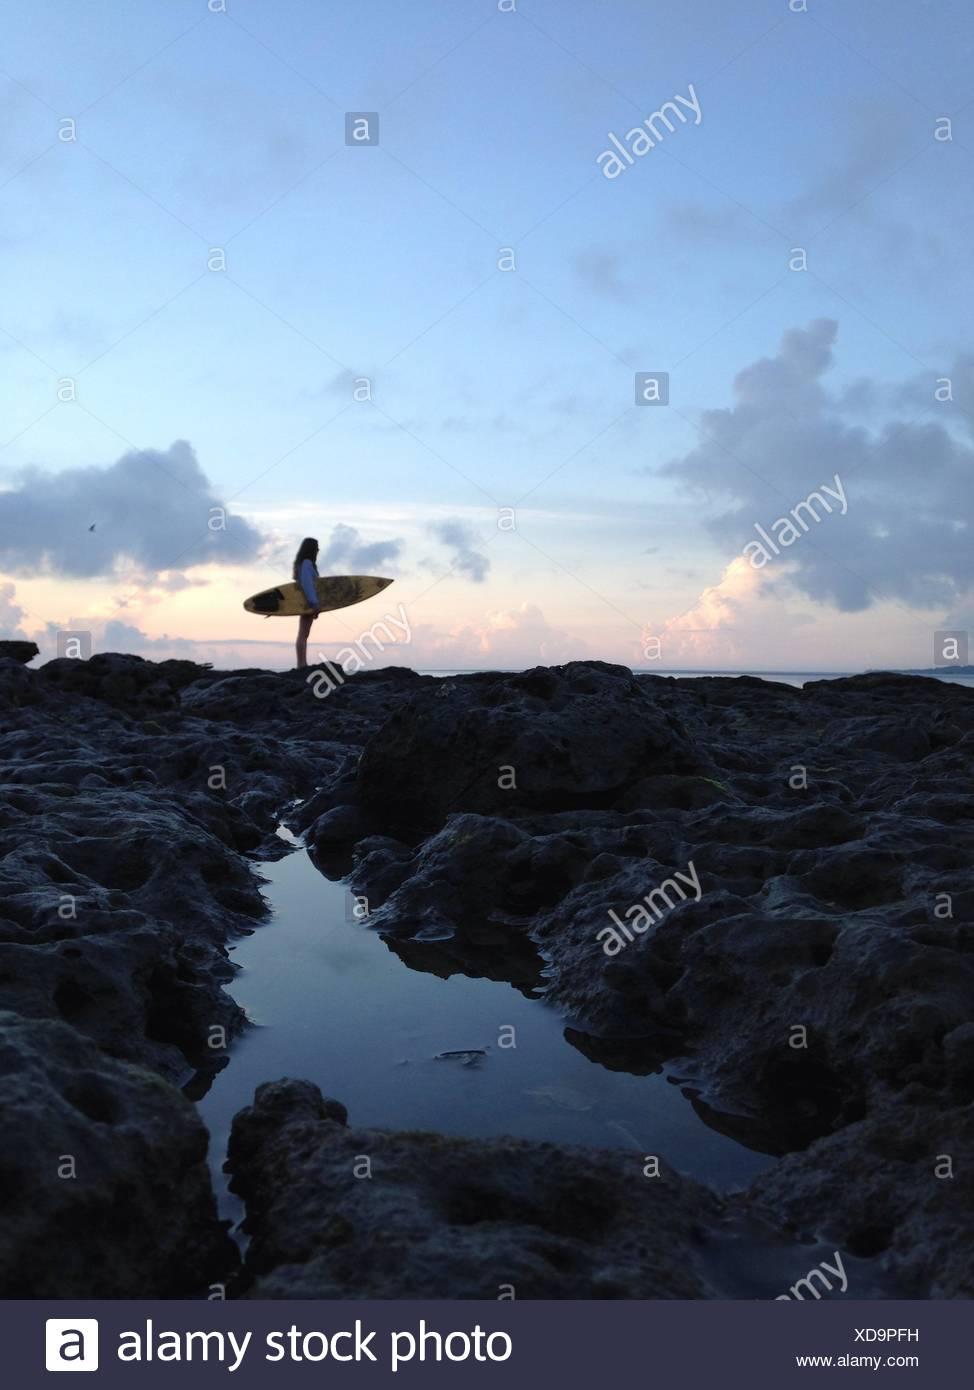 Estados Unidos, la Florida, el condado de Duval, Jacksonville Beach, vista lateral de la mujer sosteniendo las tablas de surf en la playa Imagen De Stock